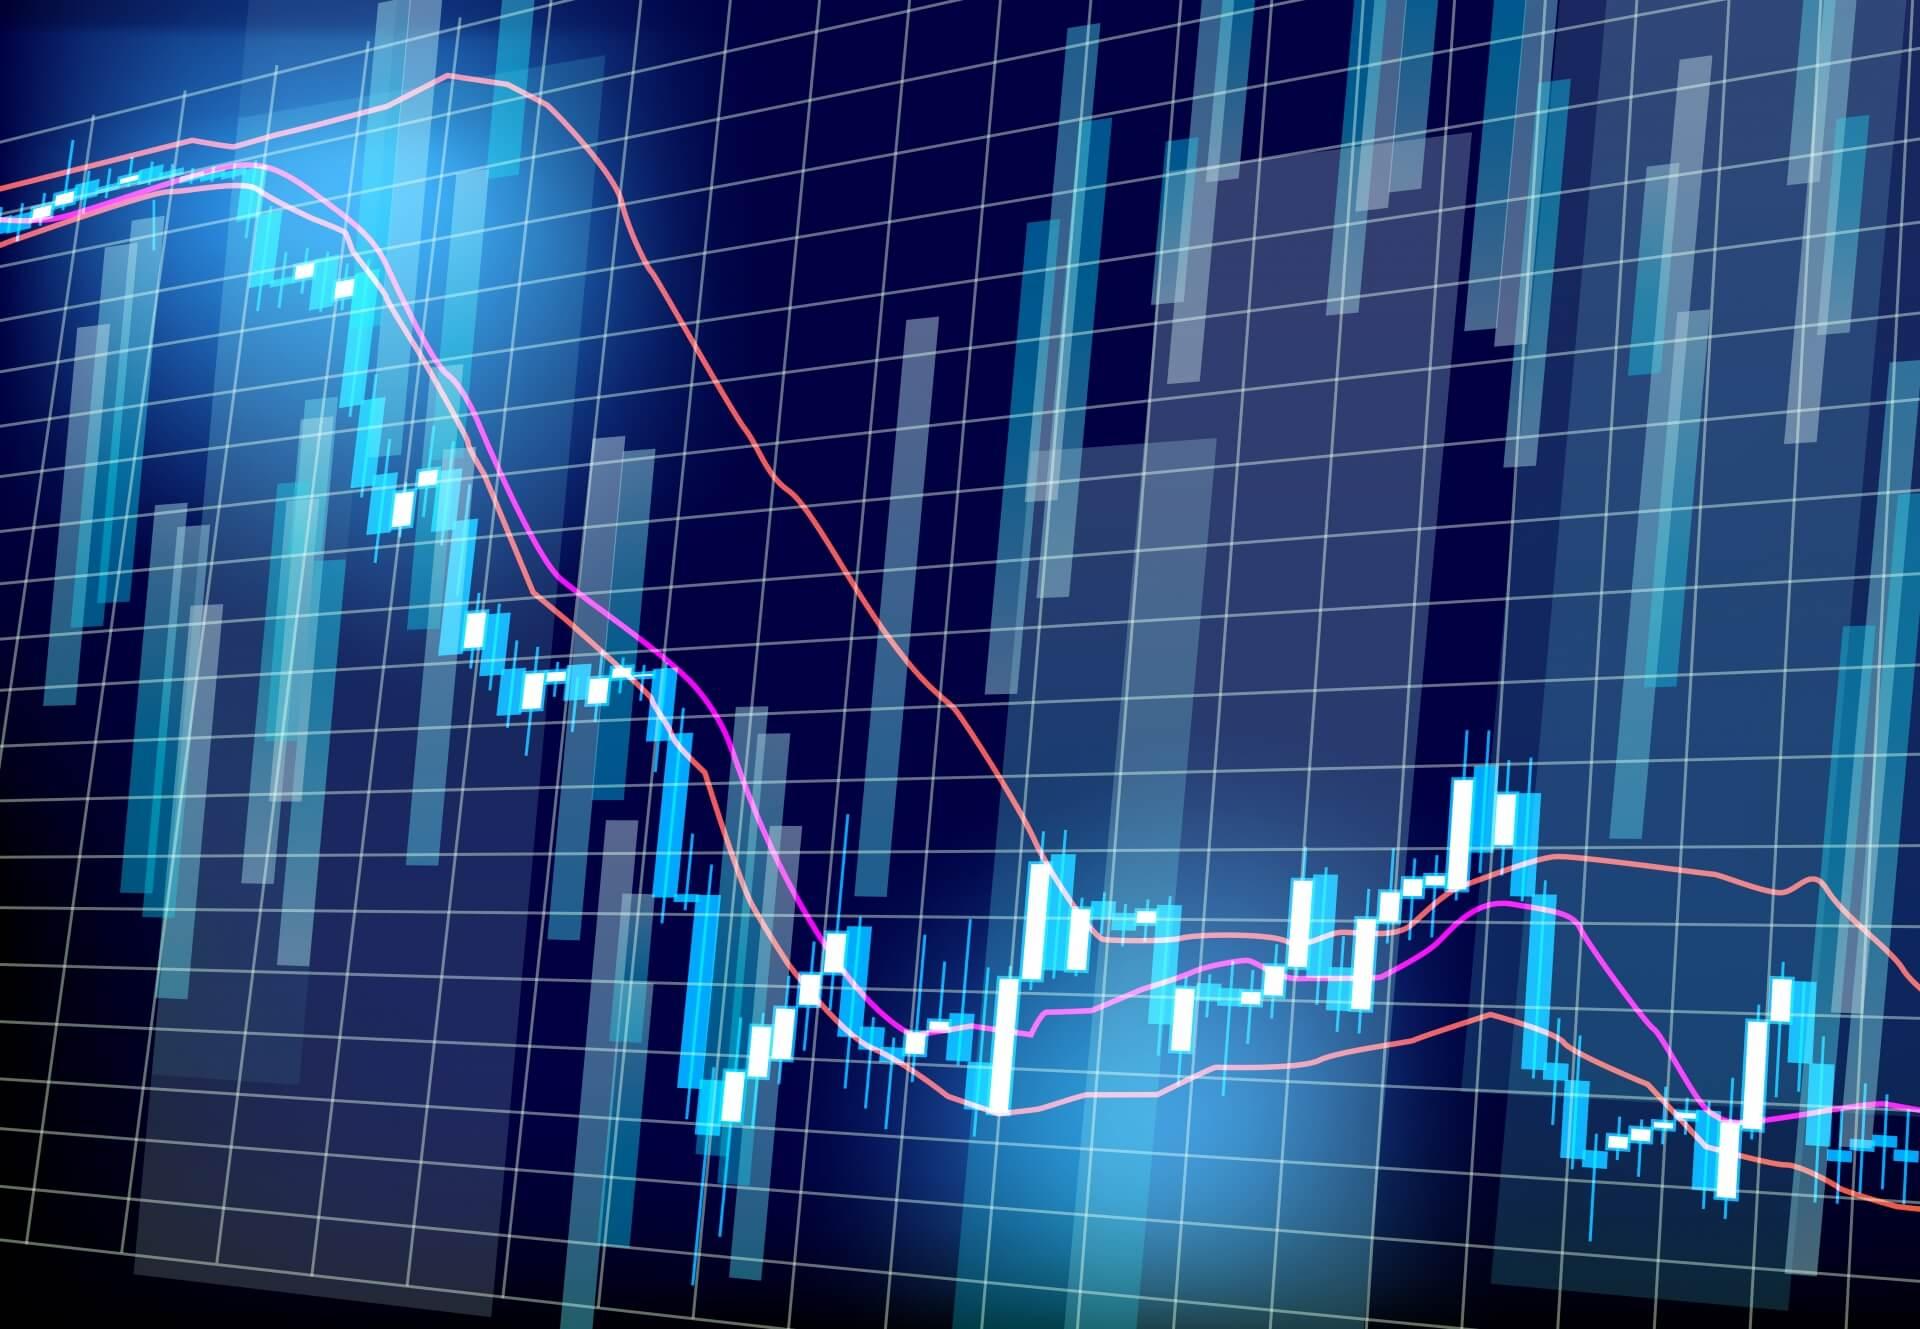 為替と株価の意味のイメージ画像